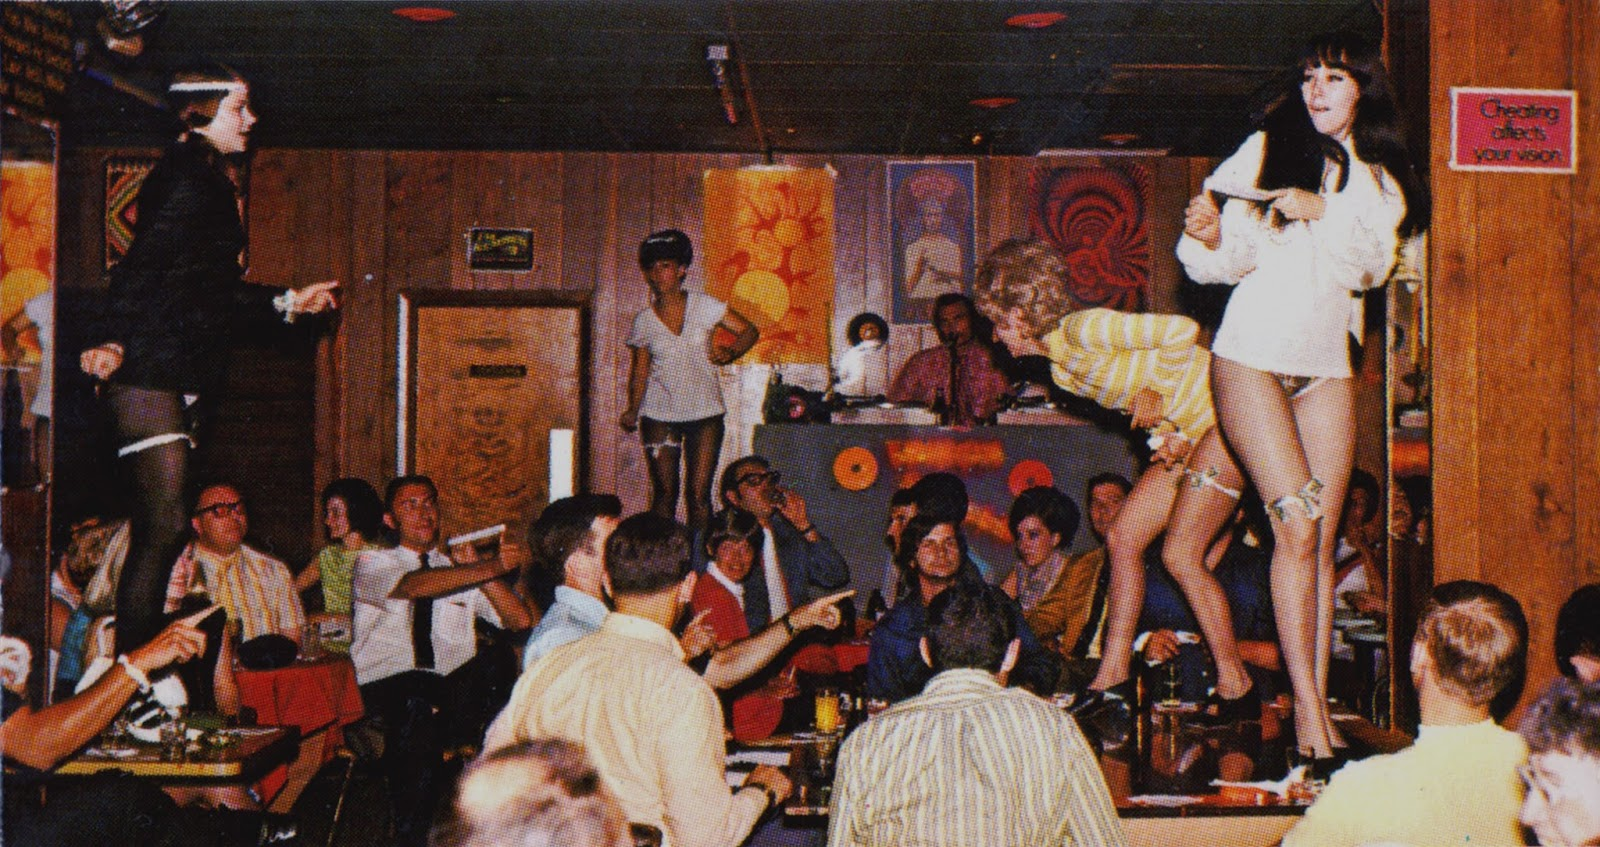 Vintage Dance Party Disco